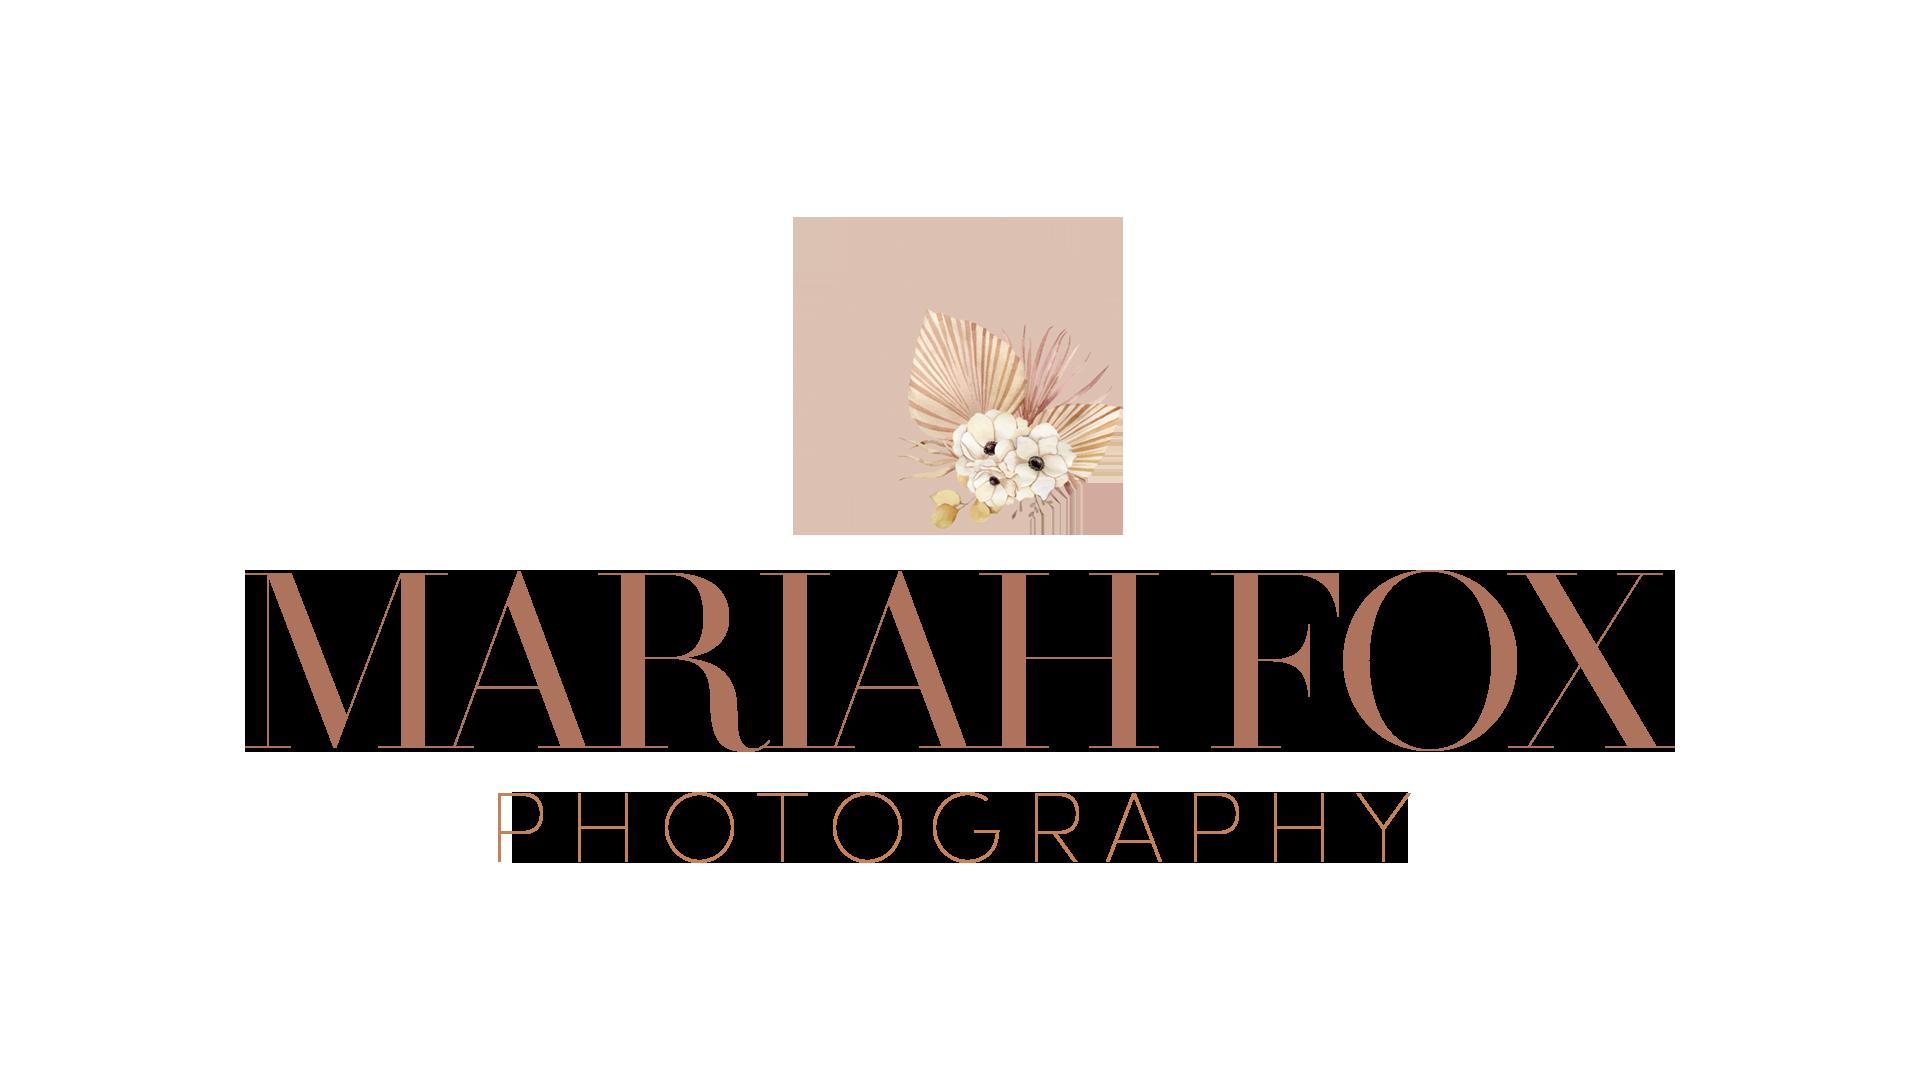 Mariah Fox Photo